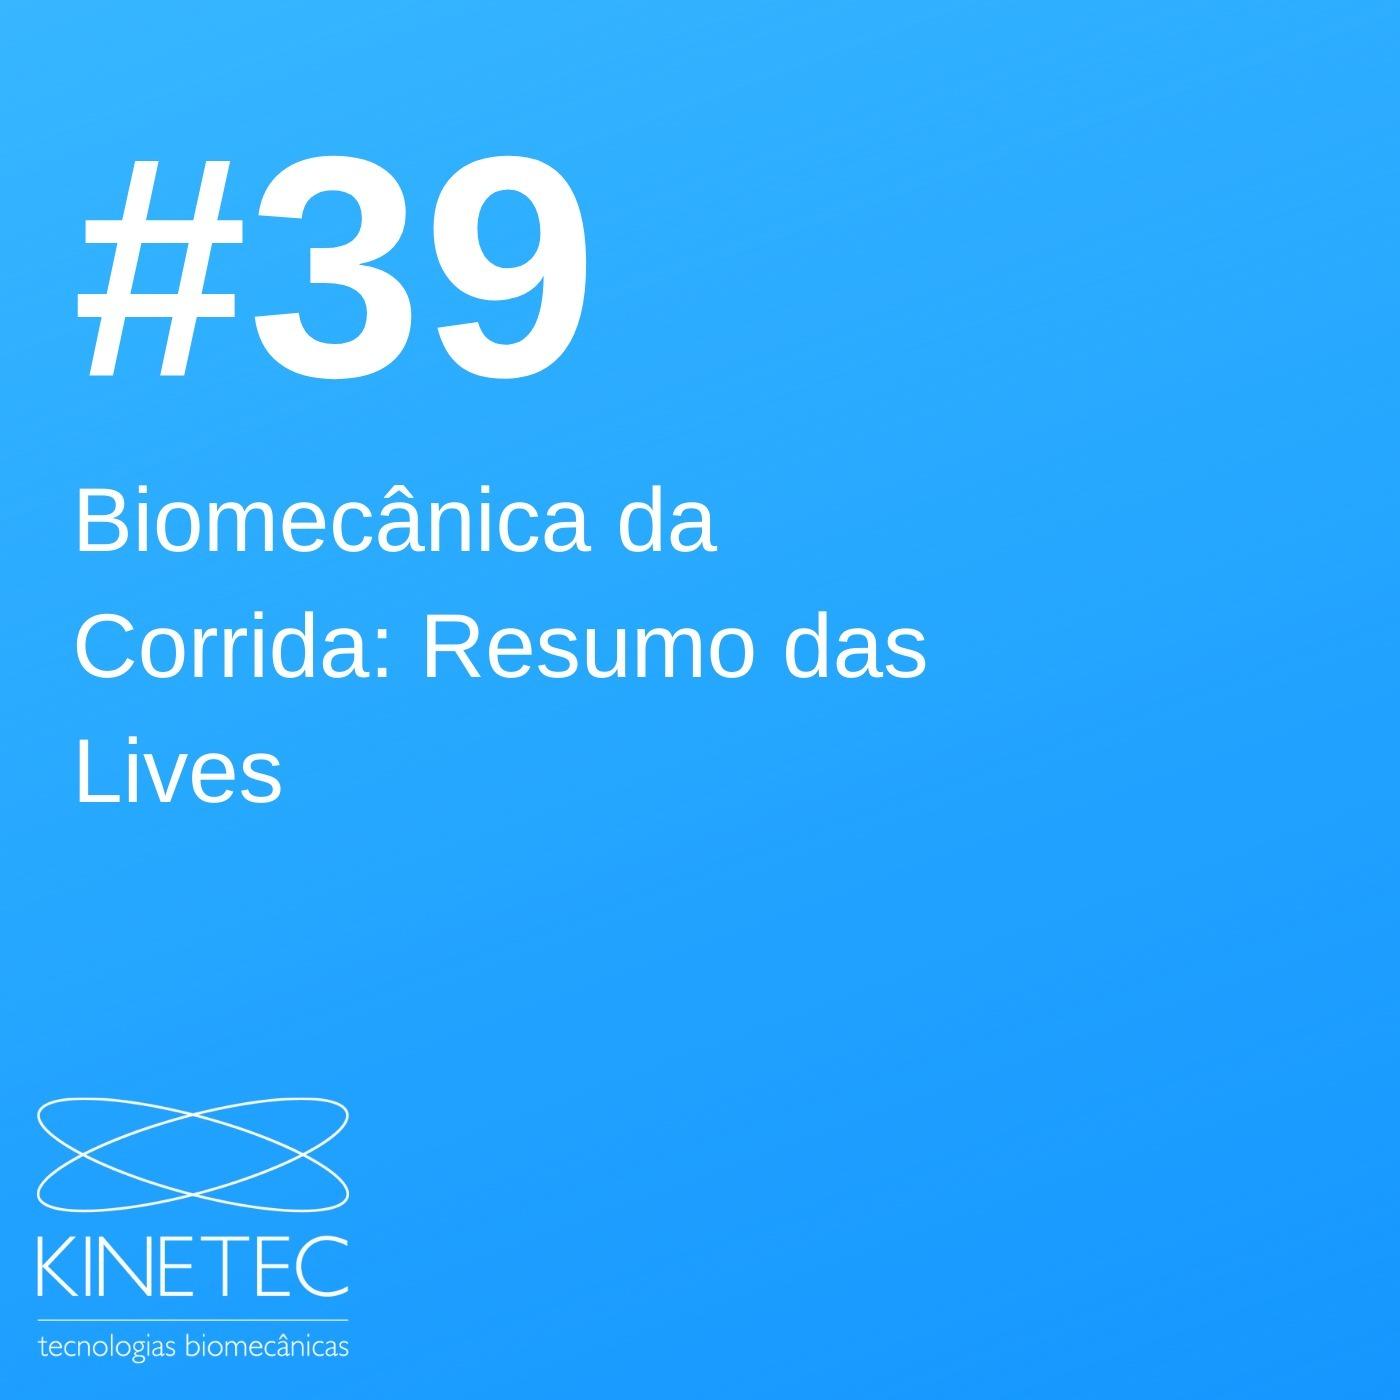 #039 Biomecânica da Corrida - Resumo das Lives